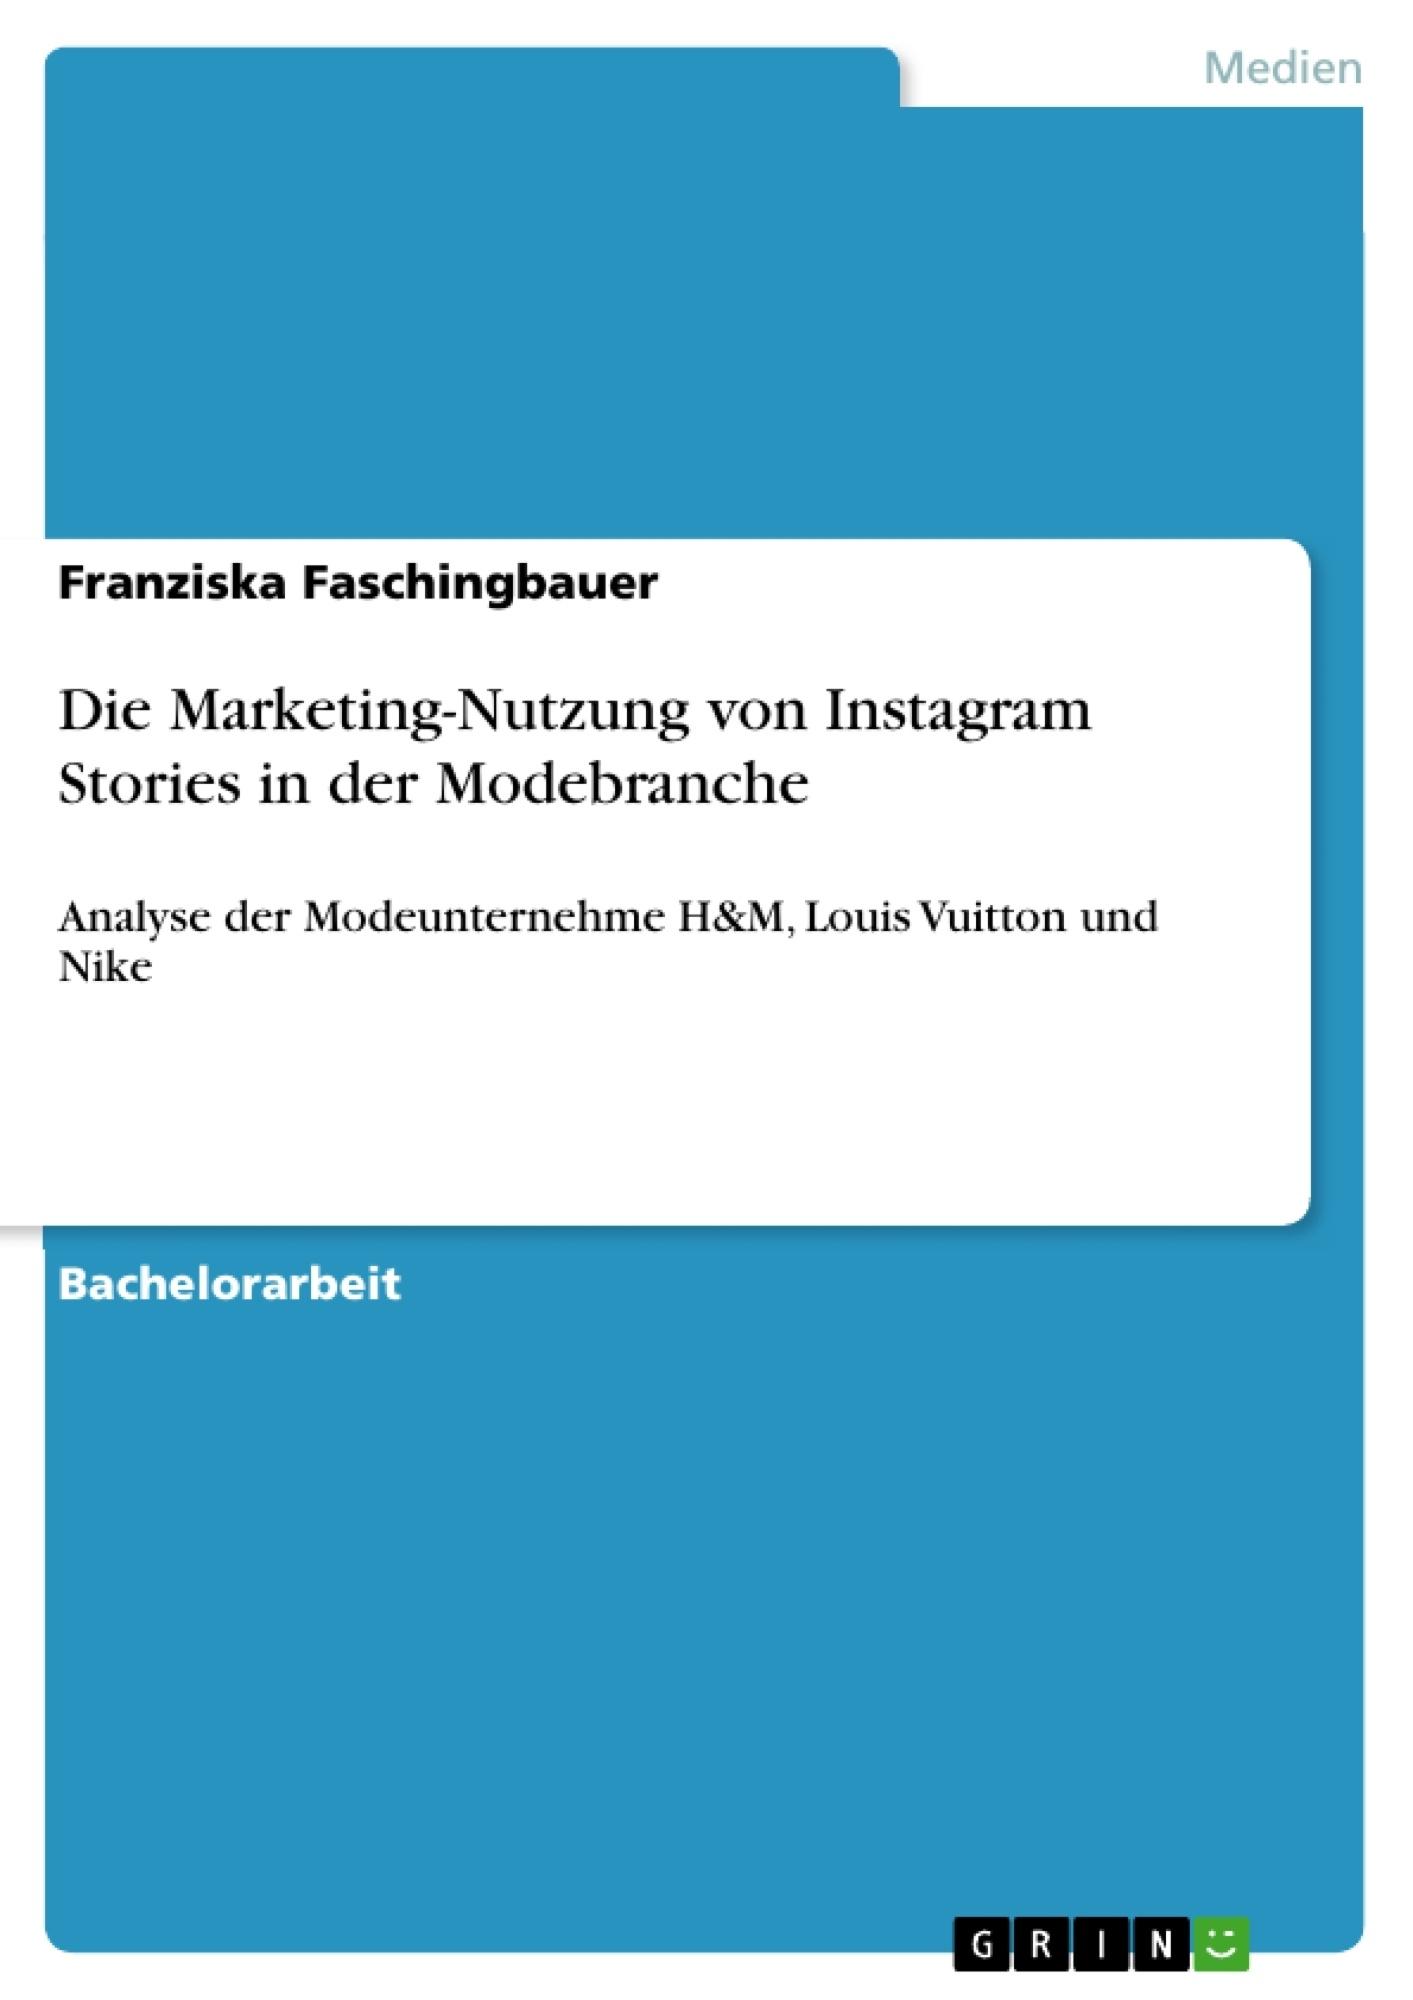 Titel: Die Marketing-Nutzung von Instagram Stories in der Modebranche